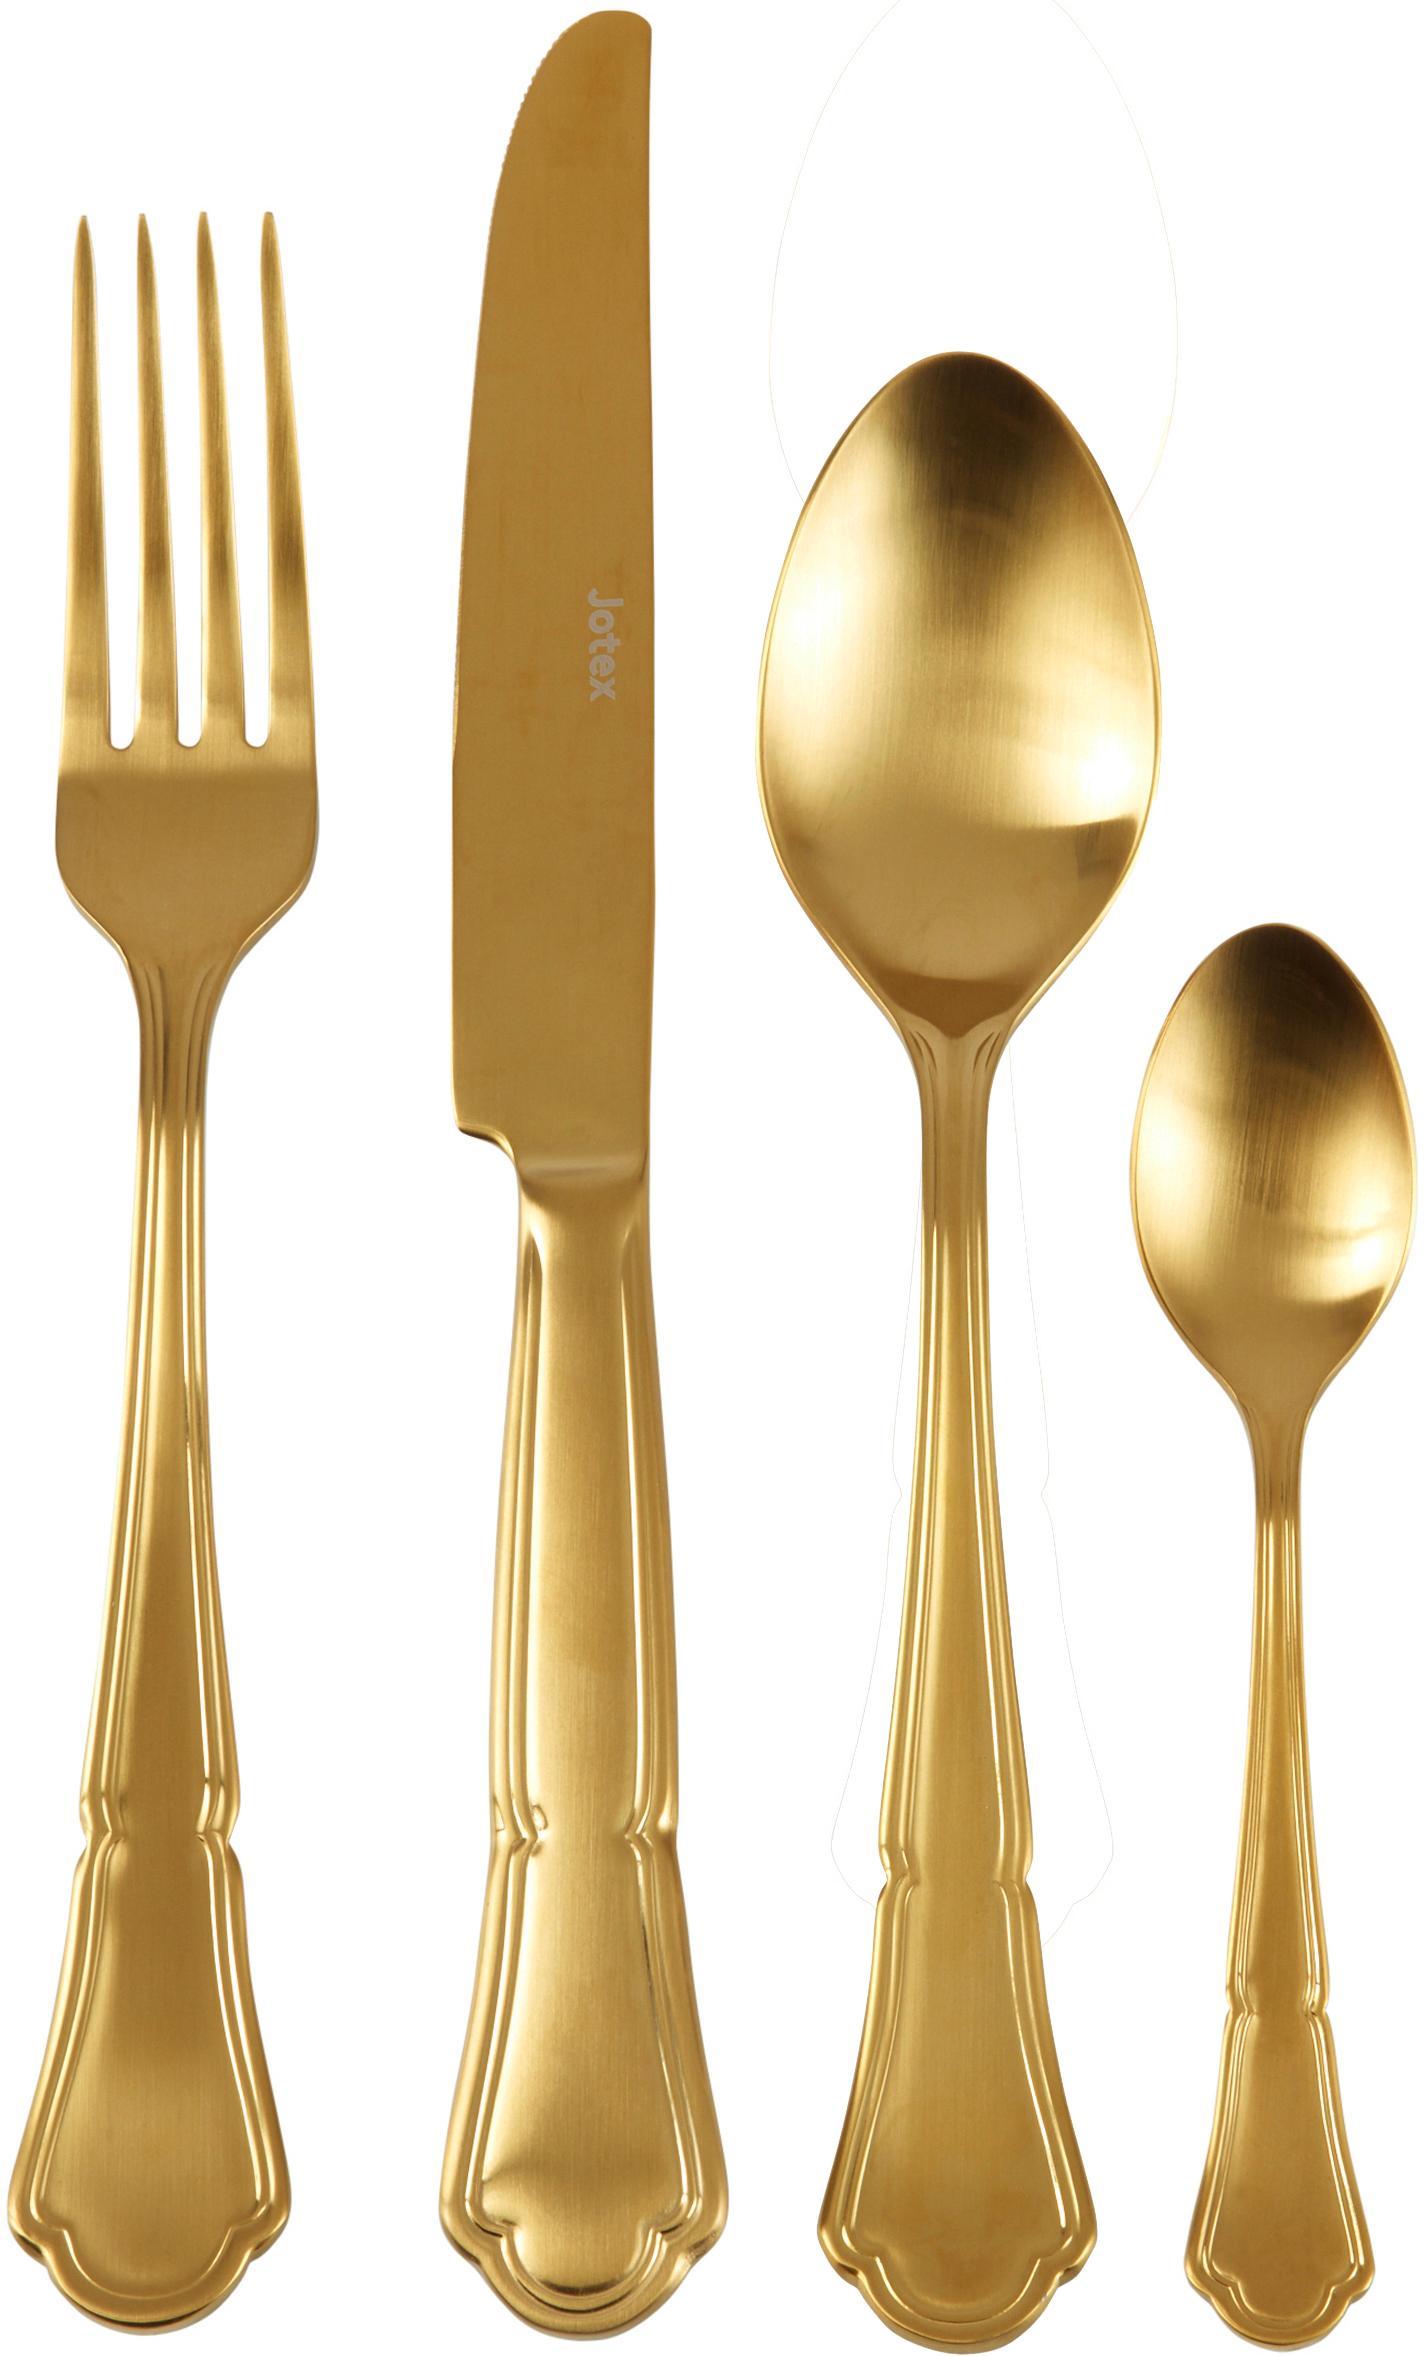 Goldfarbenes Besteck-Set Bite aus Edelstahl, 6 Personen (24-tlg.), Edelstahl, Goldfarben, Sondergrößen